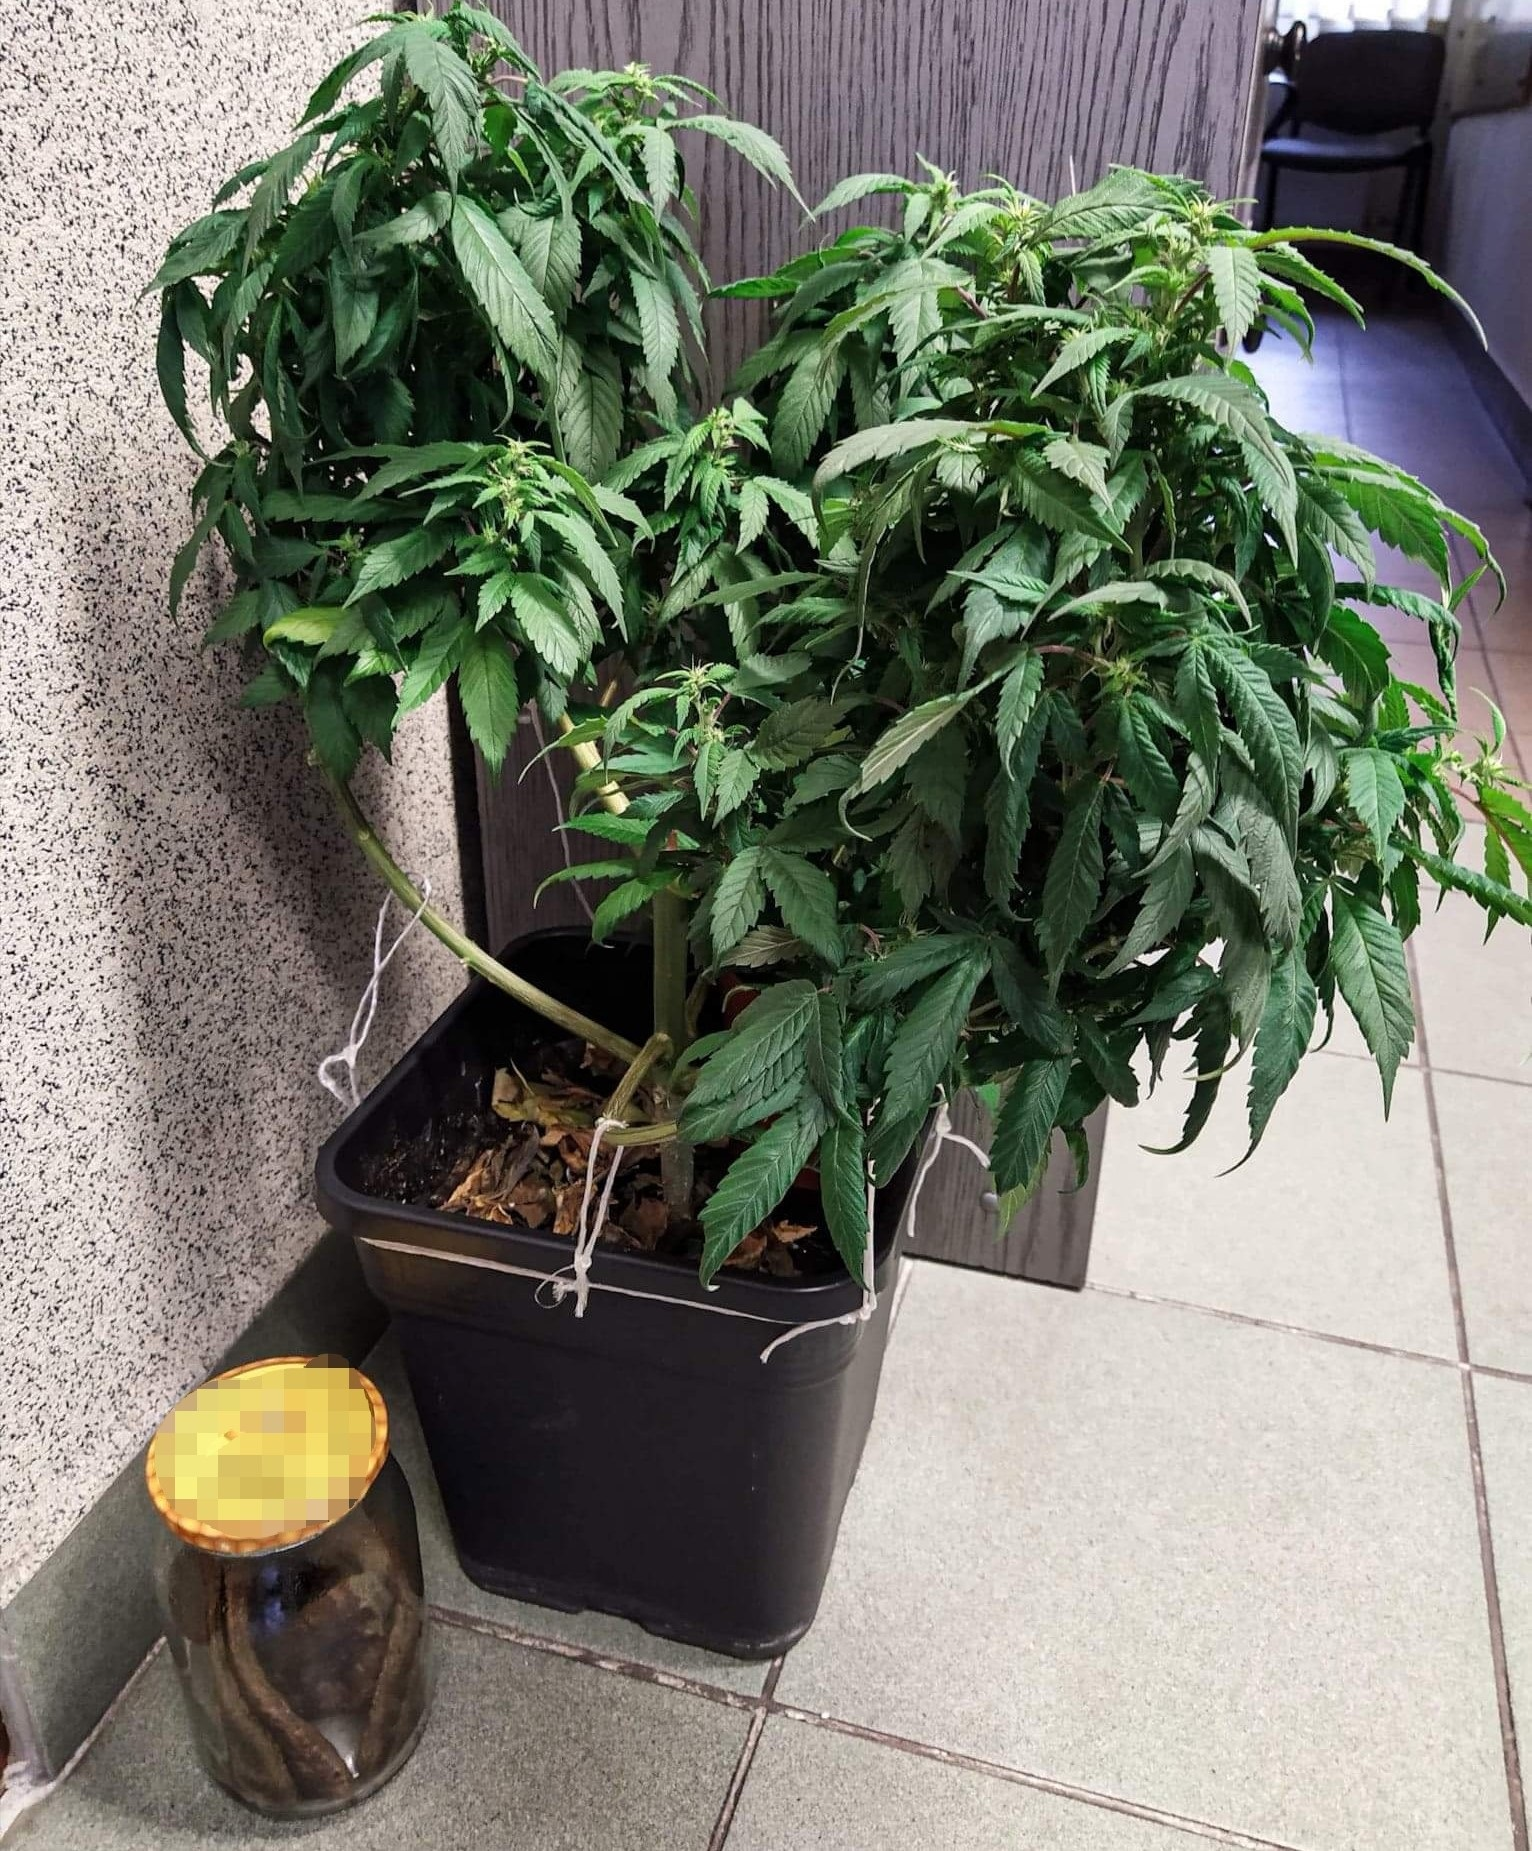 nalesniki_marihuanen_02